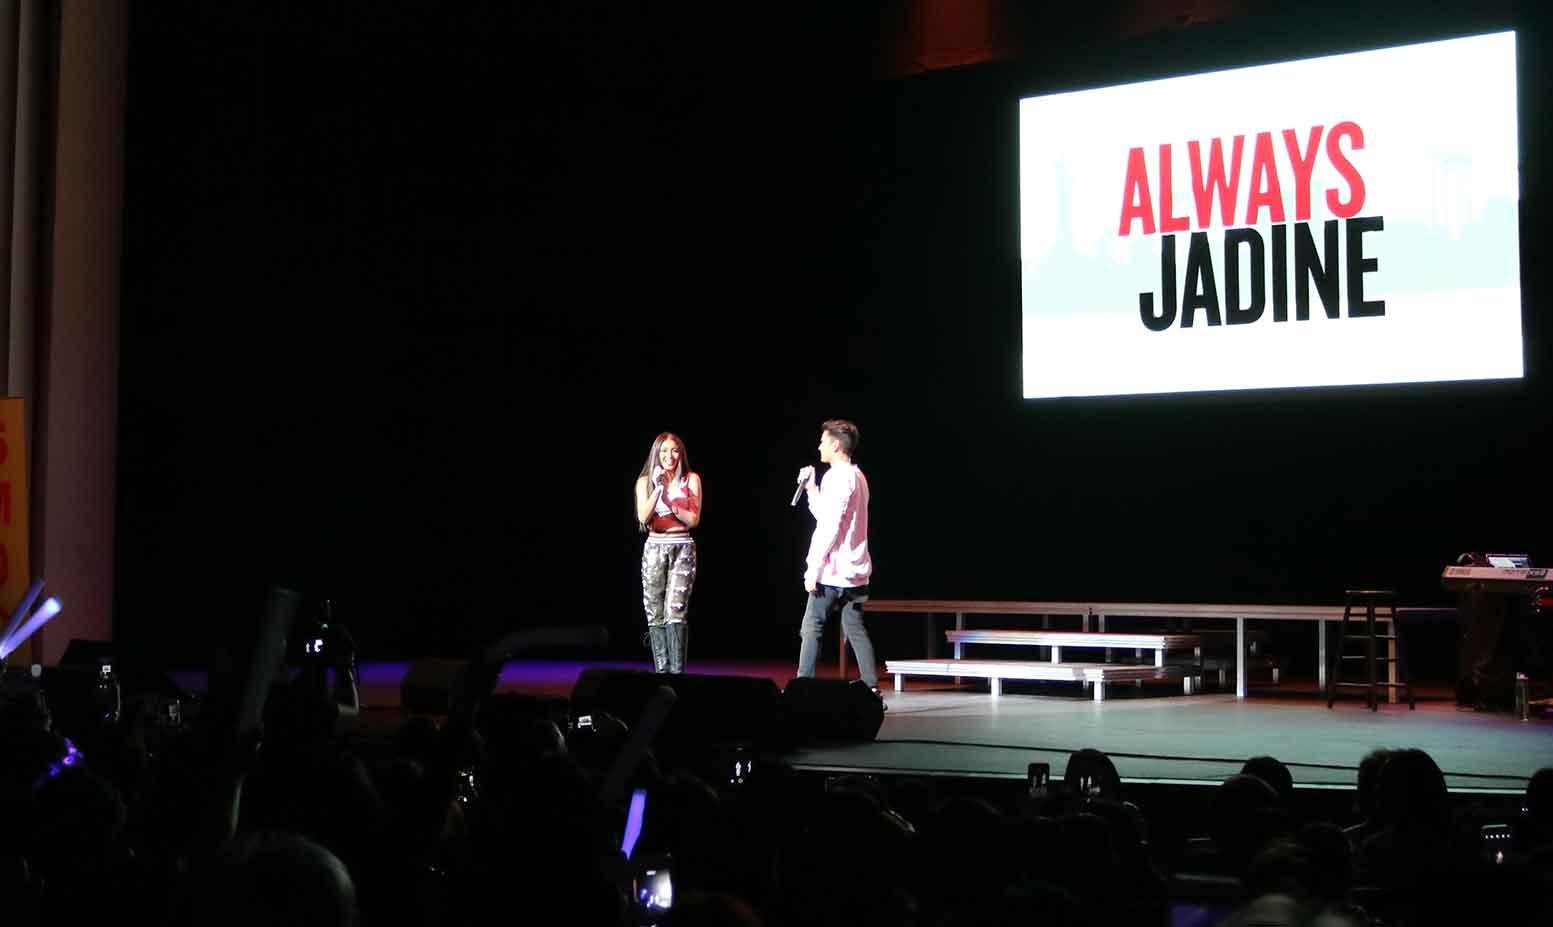 MX3 Delights Jadine's Concert in Glendale